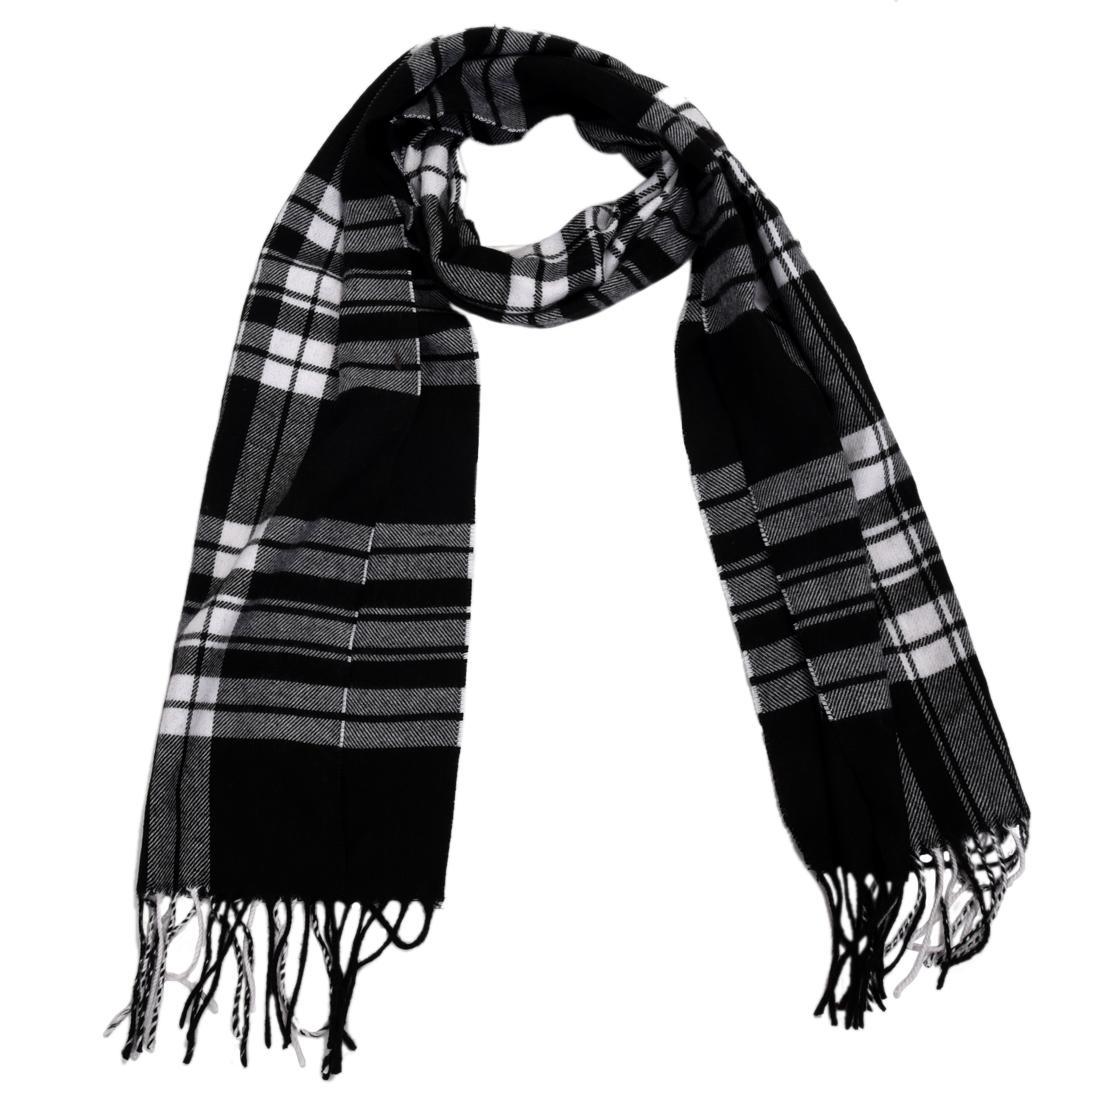 compre atacado syb 2016 new classical black white stripe imprimir